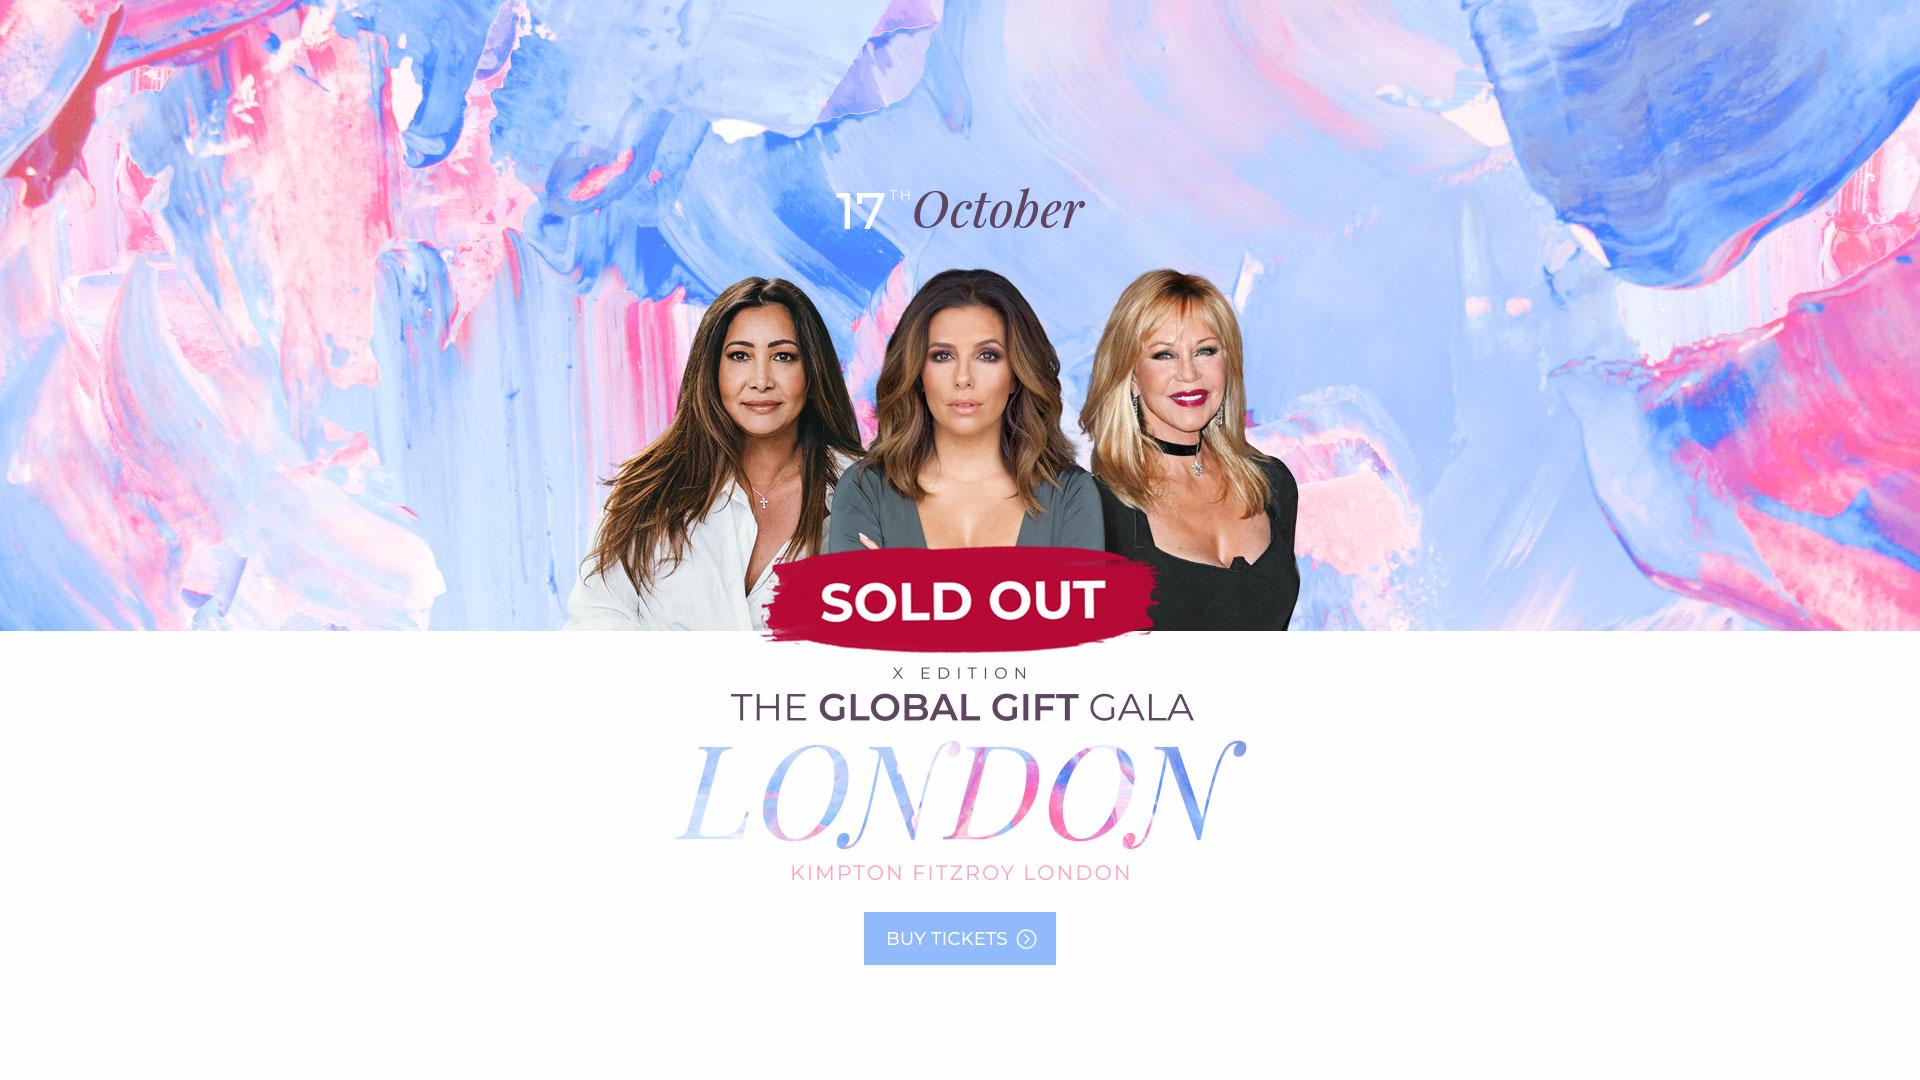 The Global Gift Gala London 2019